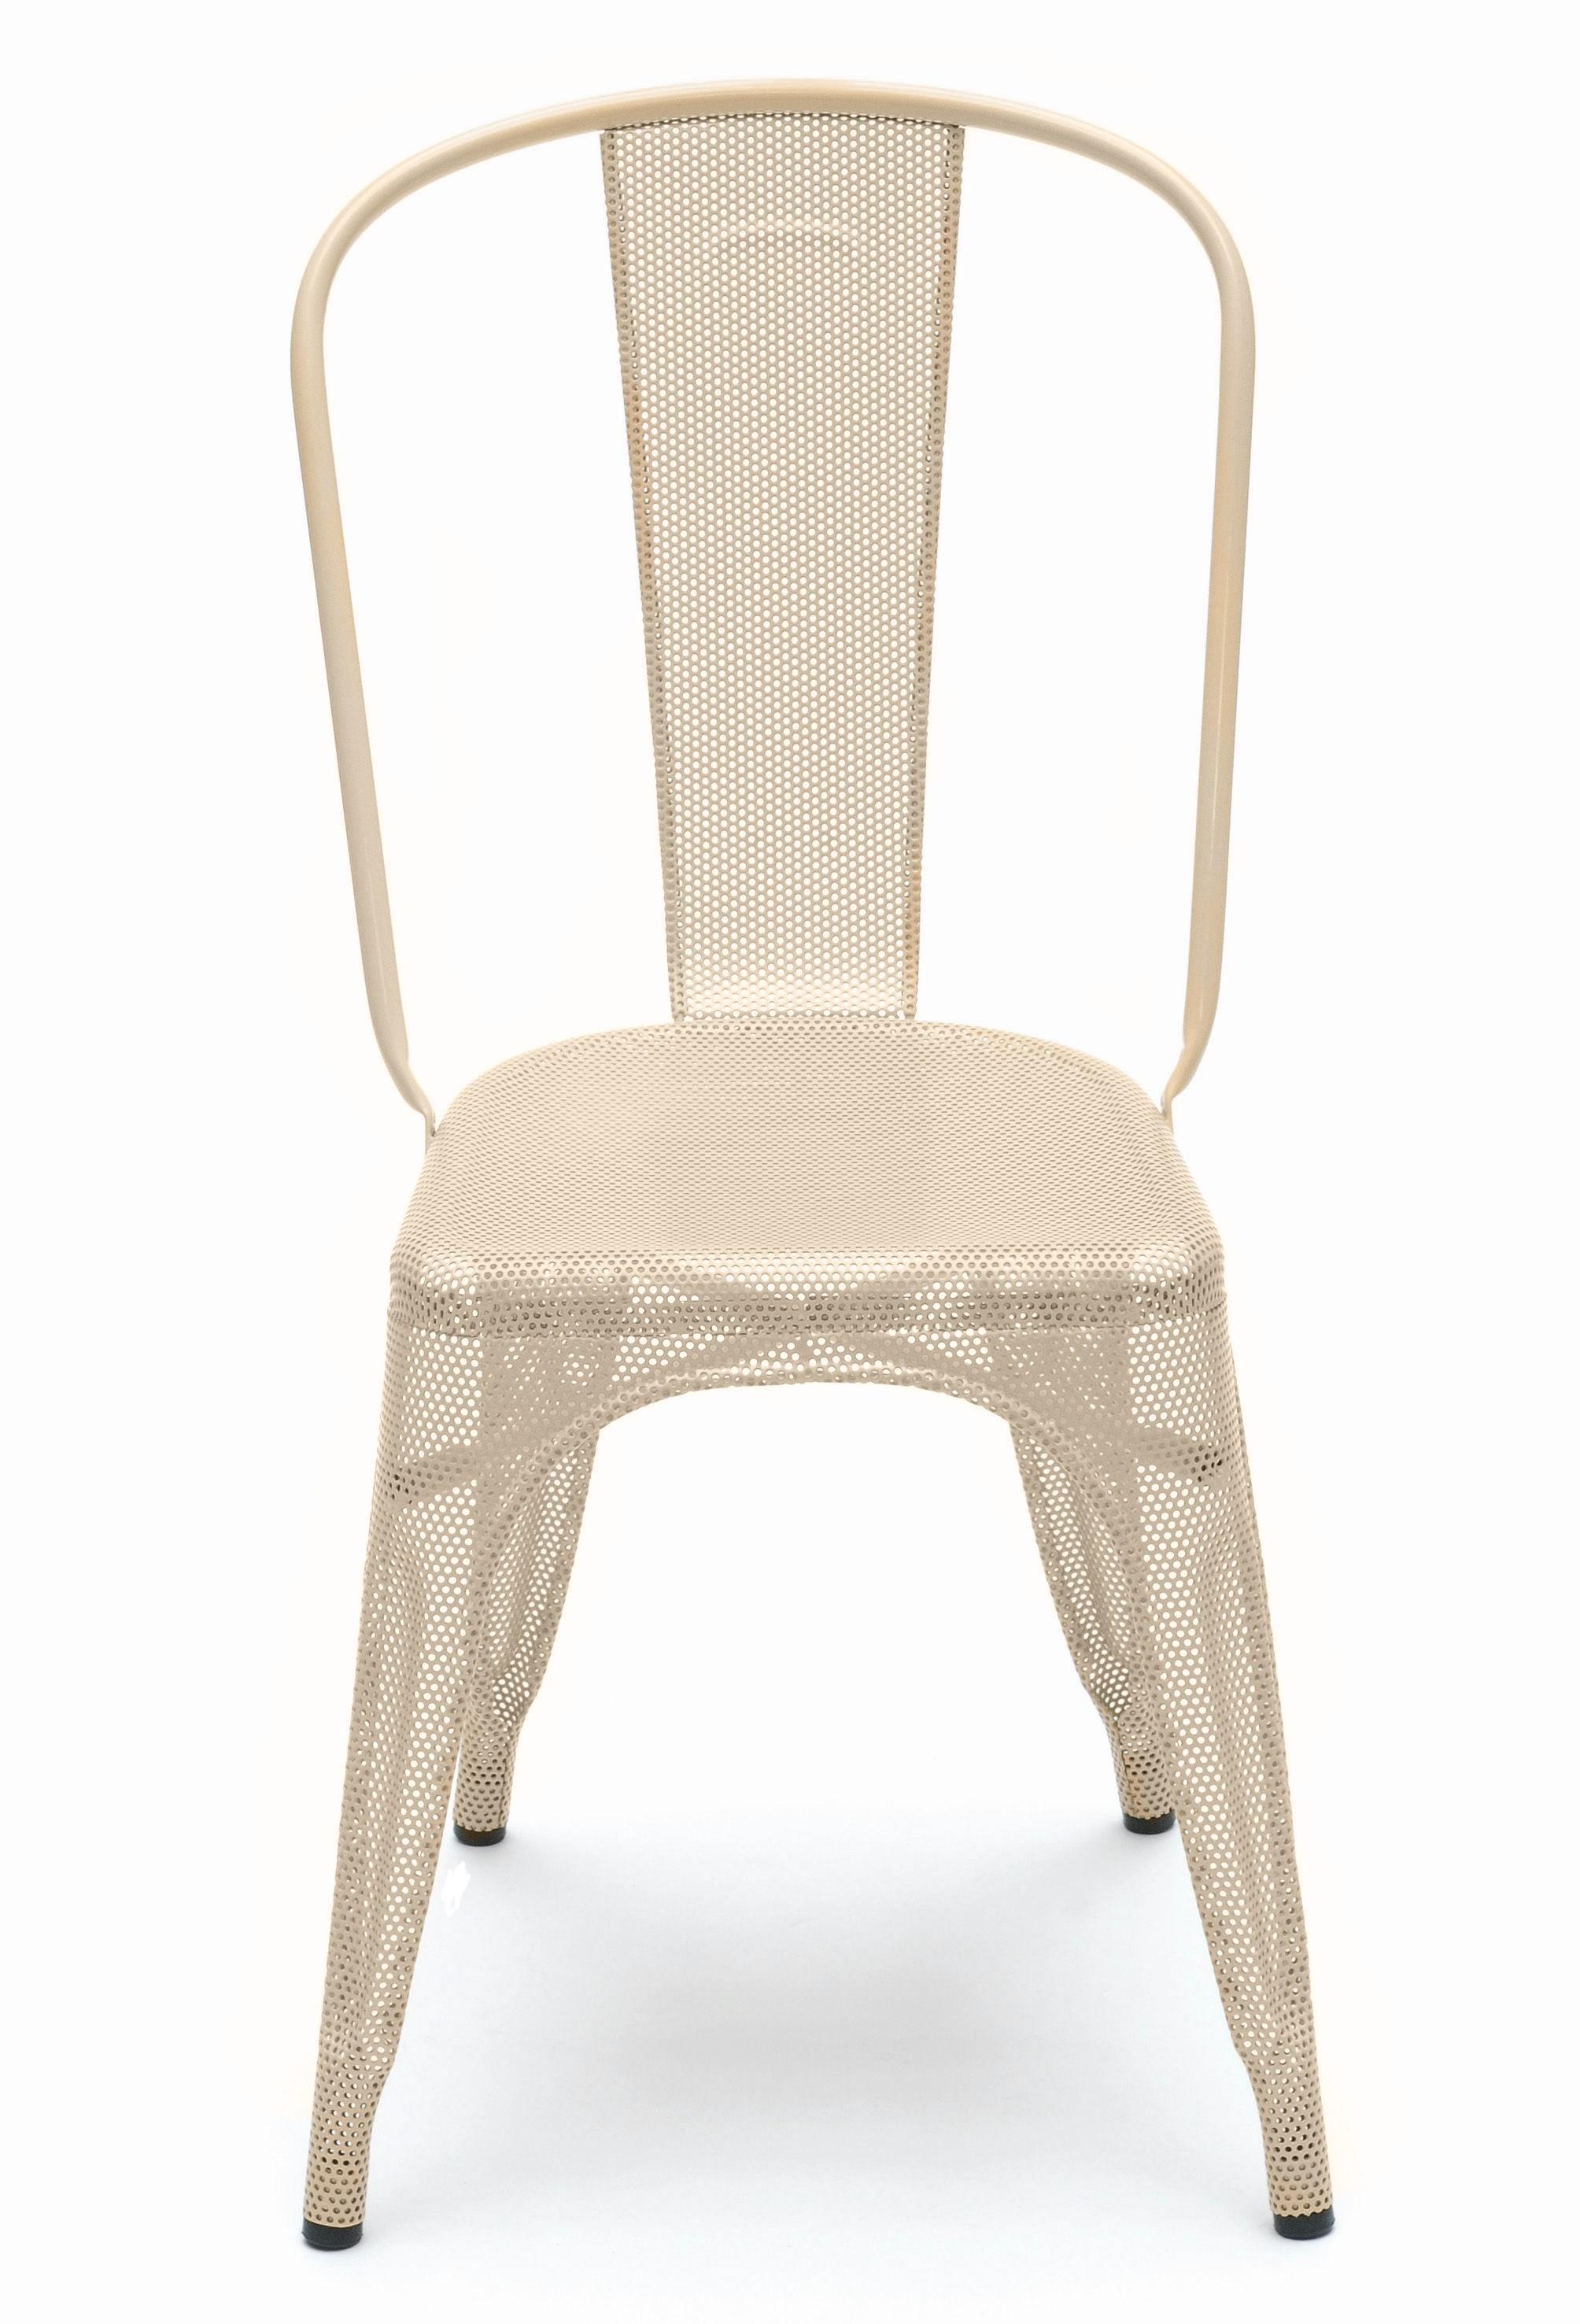 Chaise a perfor e de tolix inox laqu ivoire - Chaise blanc d ivoire ...